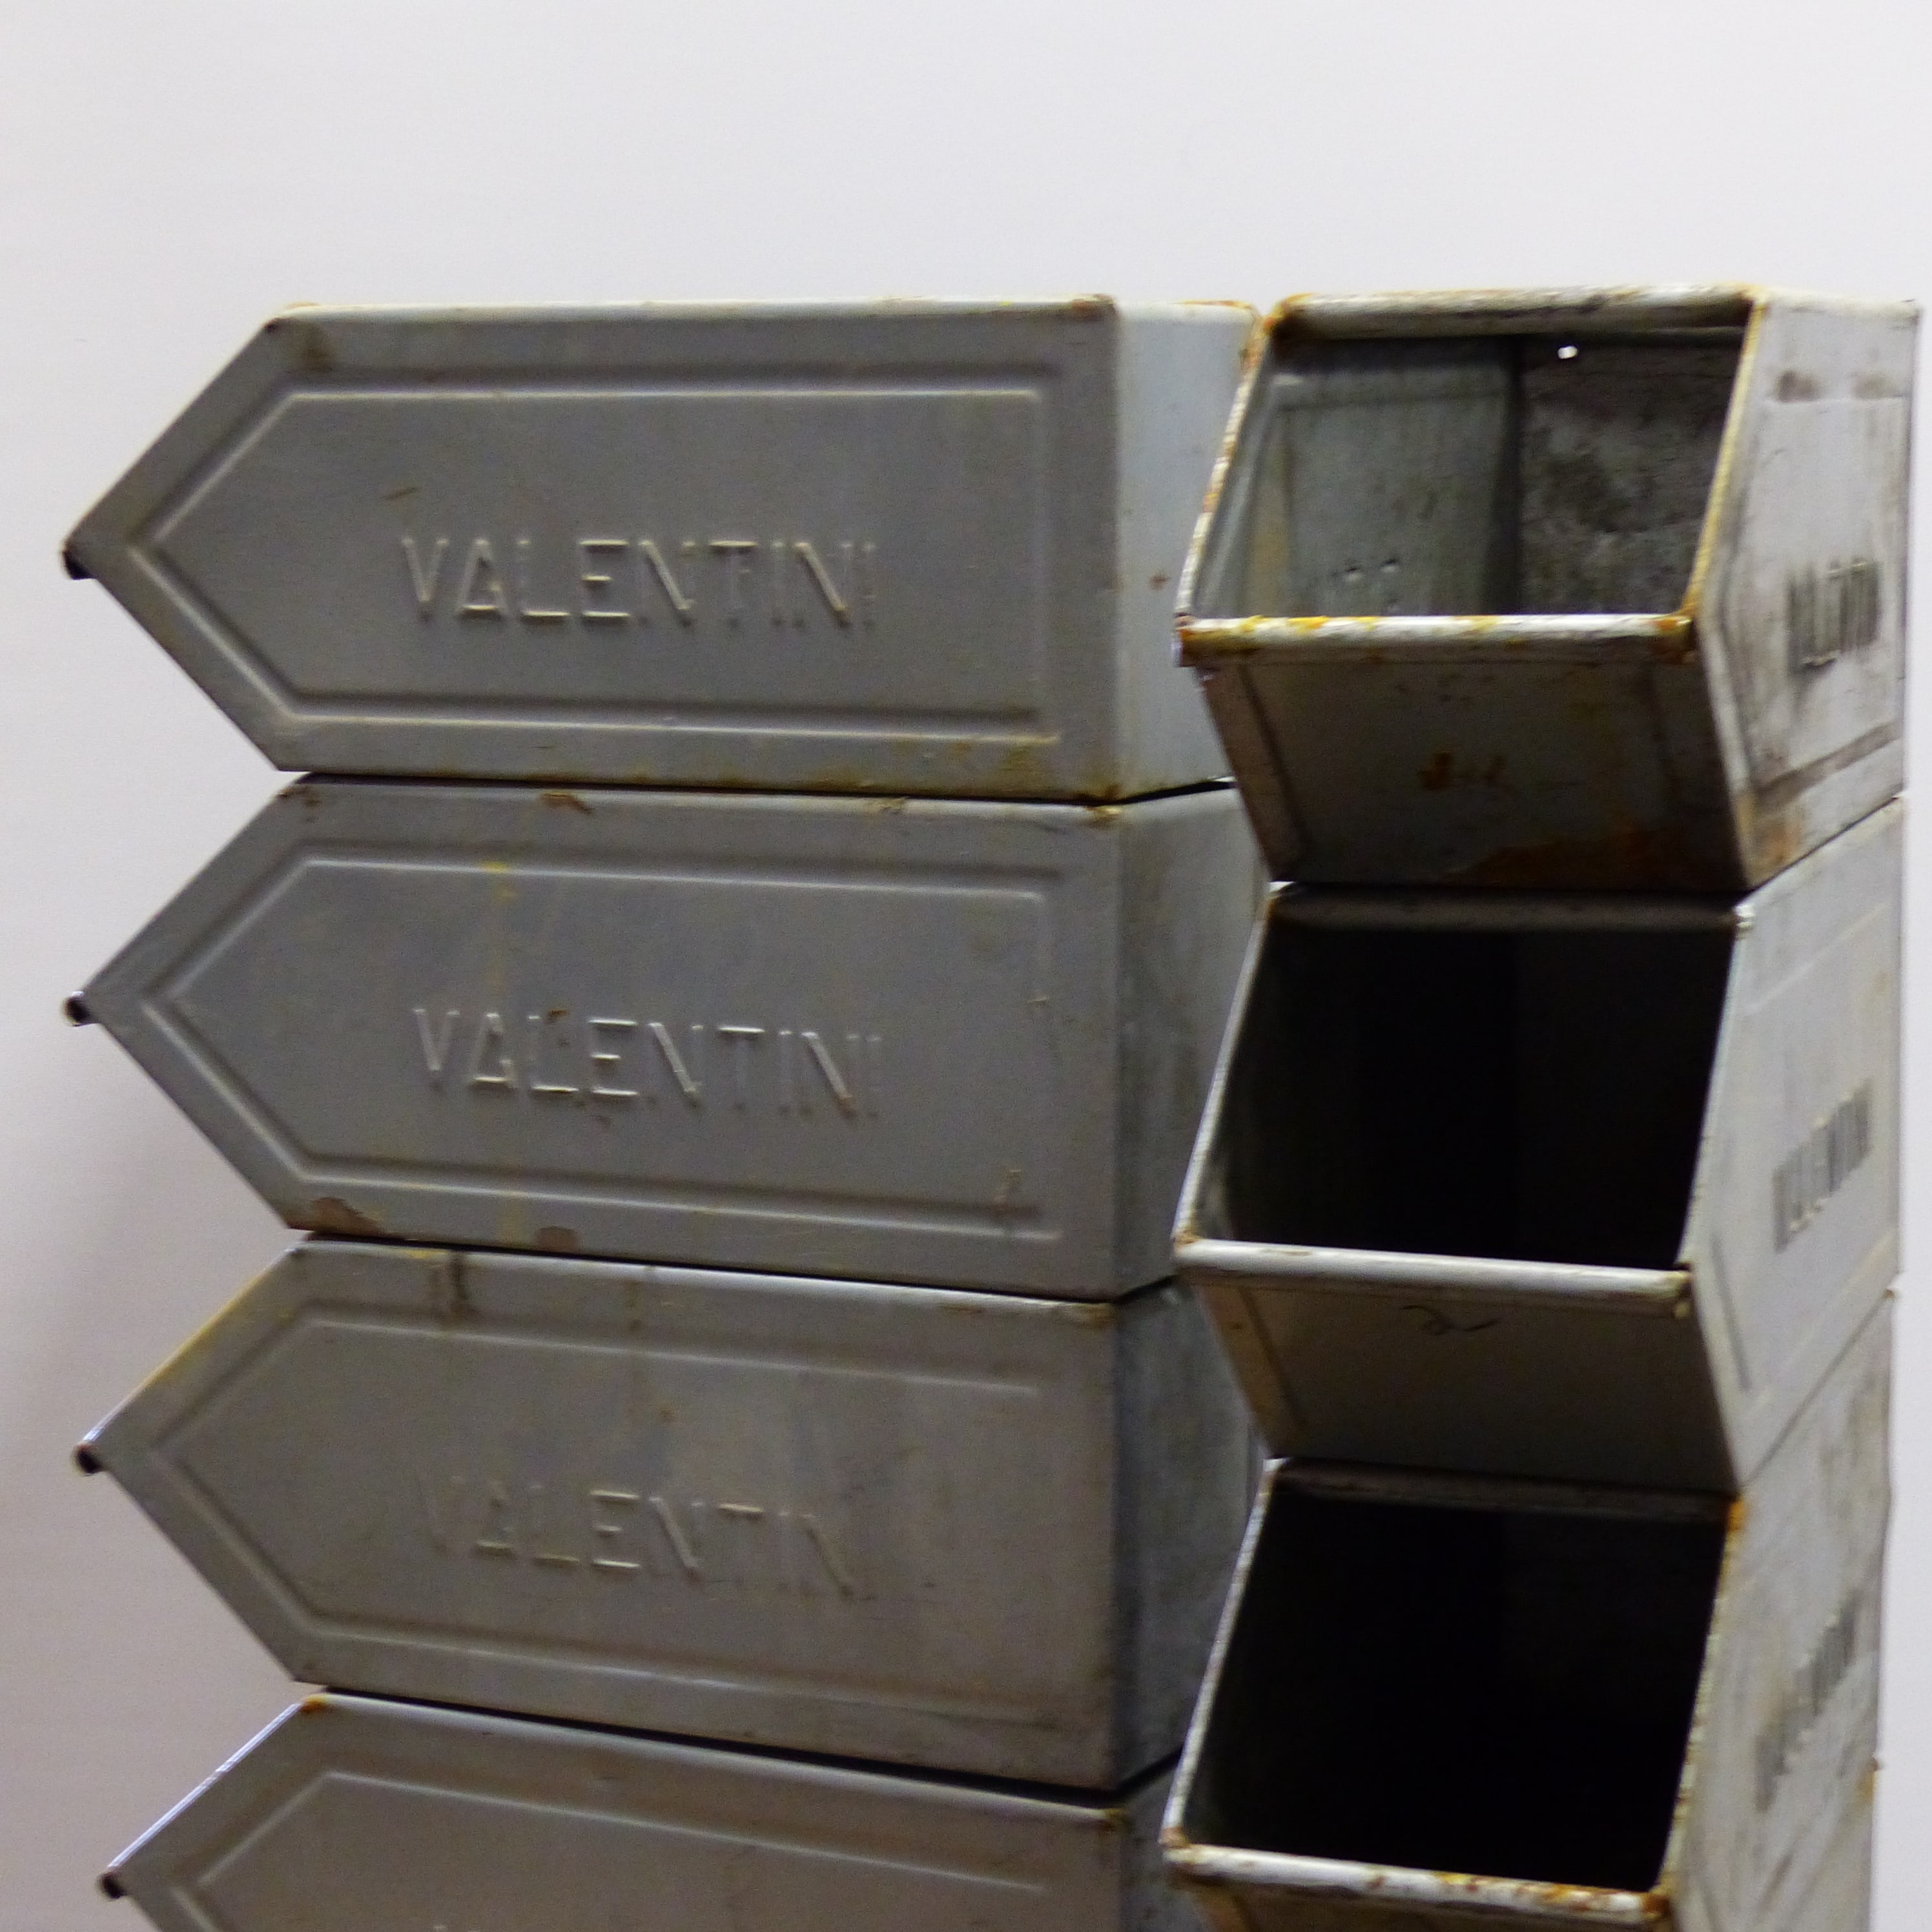 Casier à bec en métal VALENTINI petit modèle lignedebrocante brocante en ligne chine pour